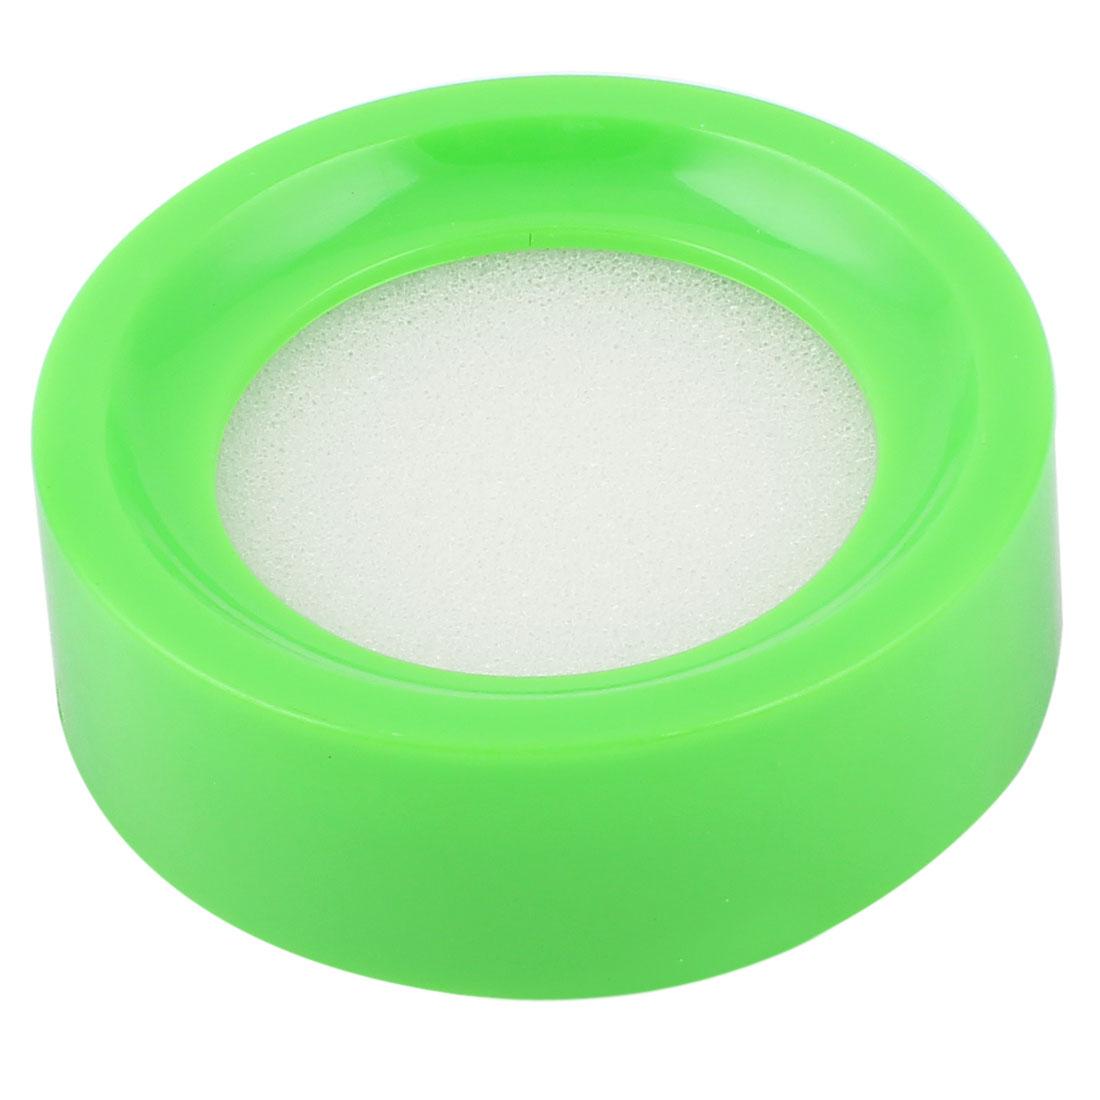 Plastic Bank Money Casher Round Case White Finger Wet Sponge Device Green